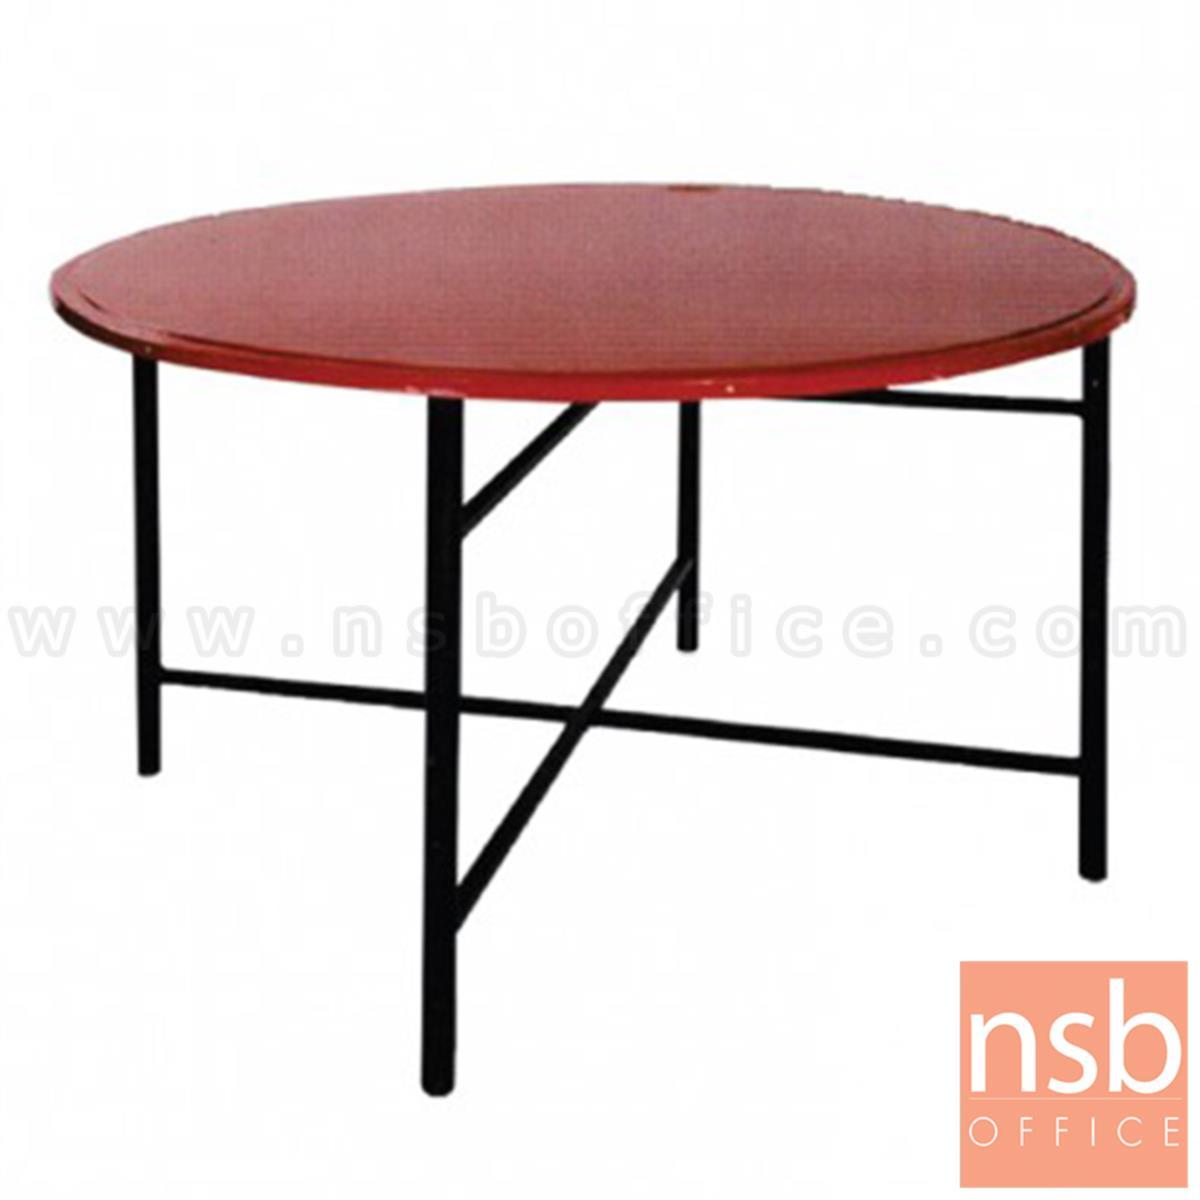 A08A006:โต๊ะพับจีนหน้าเหล็ก รุ่น Abbot (แอ็บบอต) ขนาด 116.5Di cm.  ขาพับน็อคดาวน์ 4 ฟุต